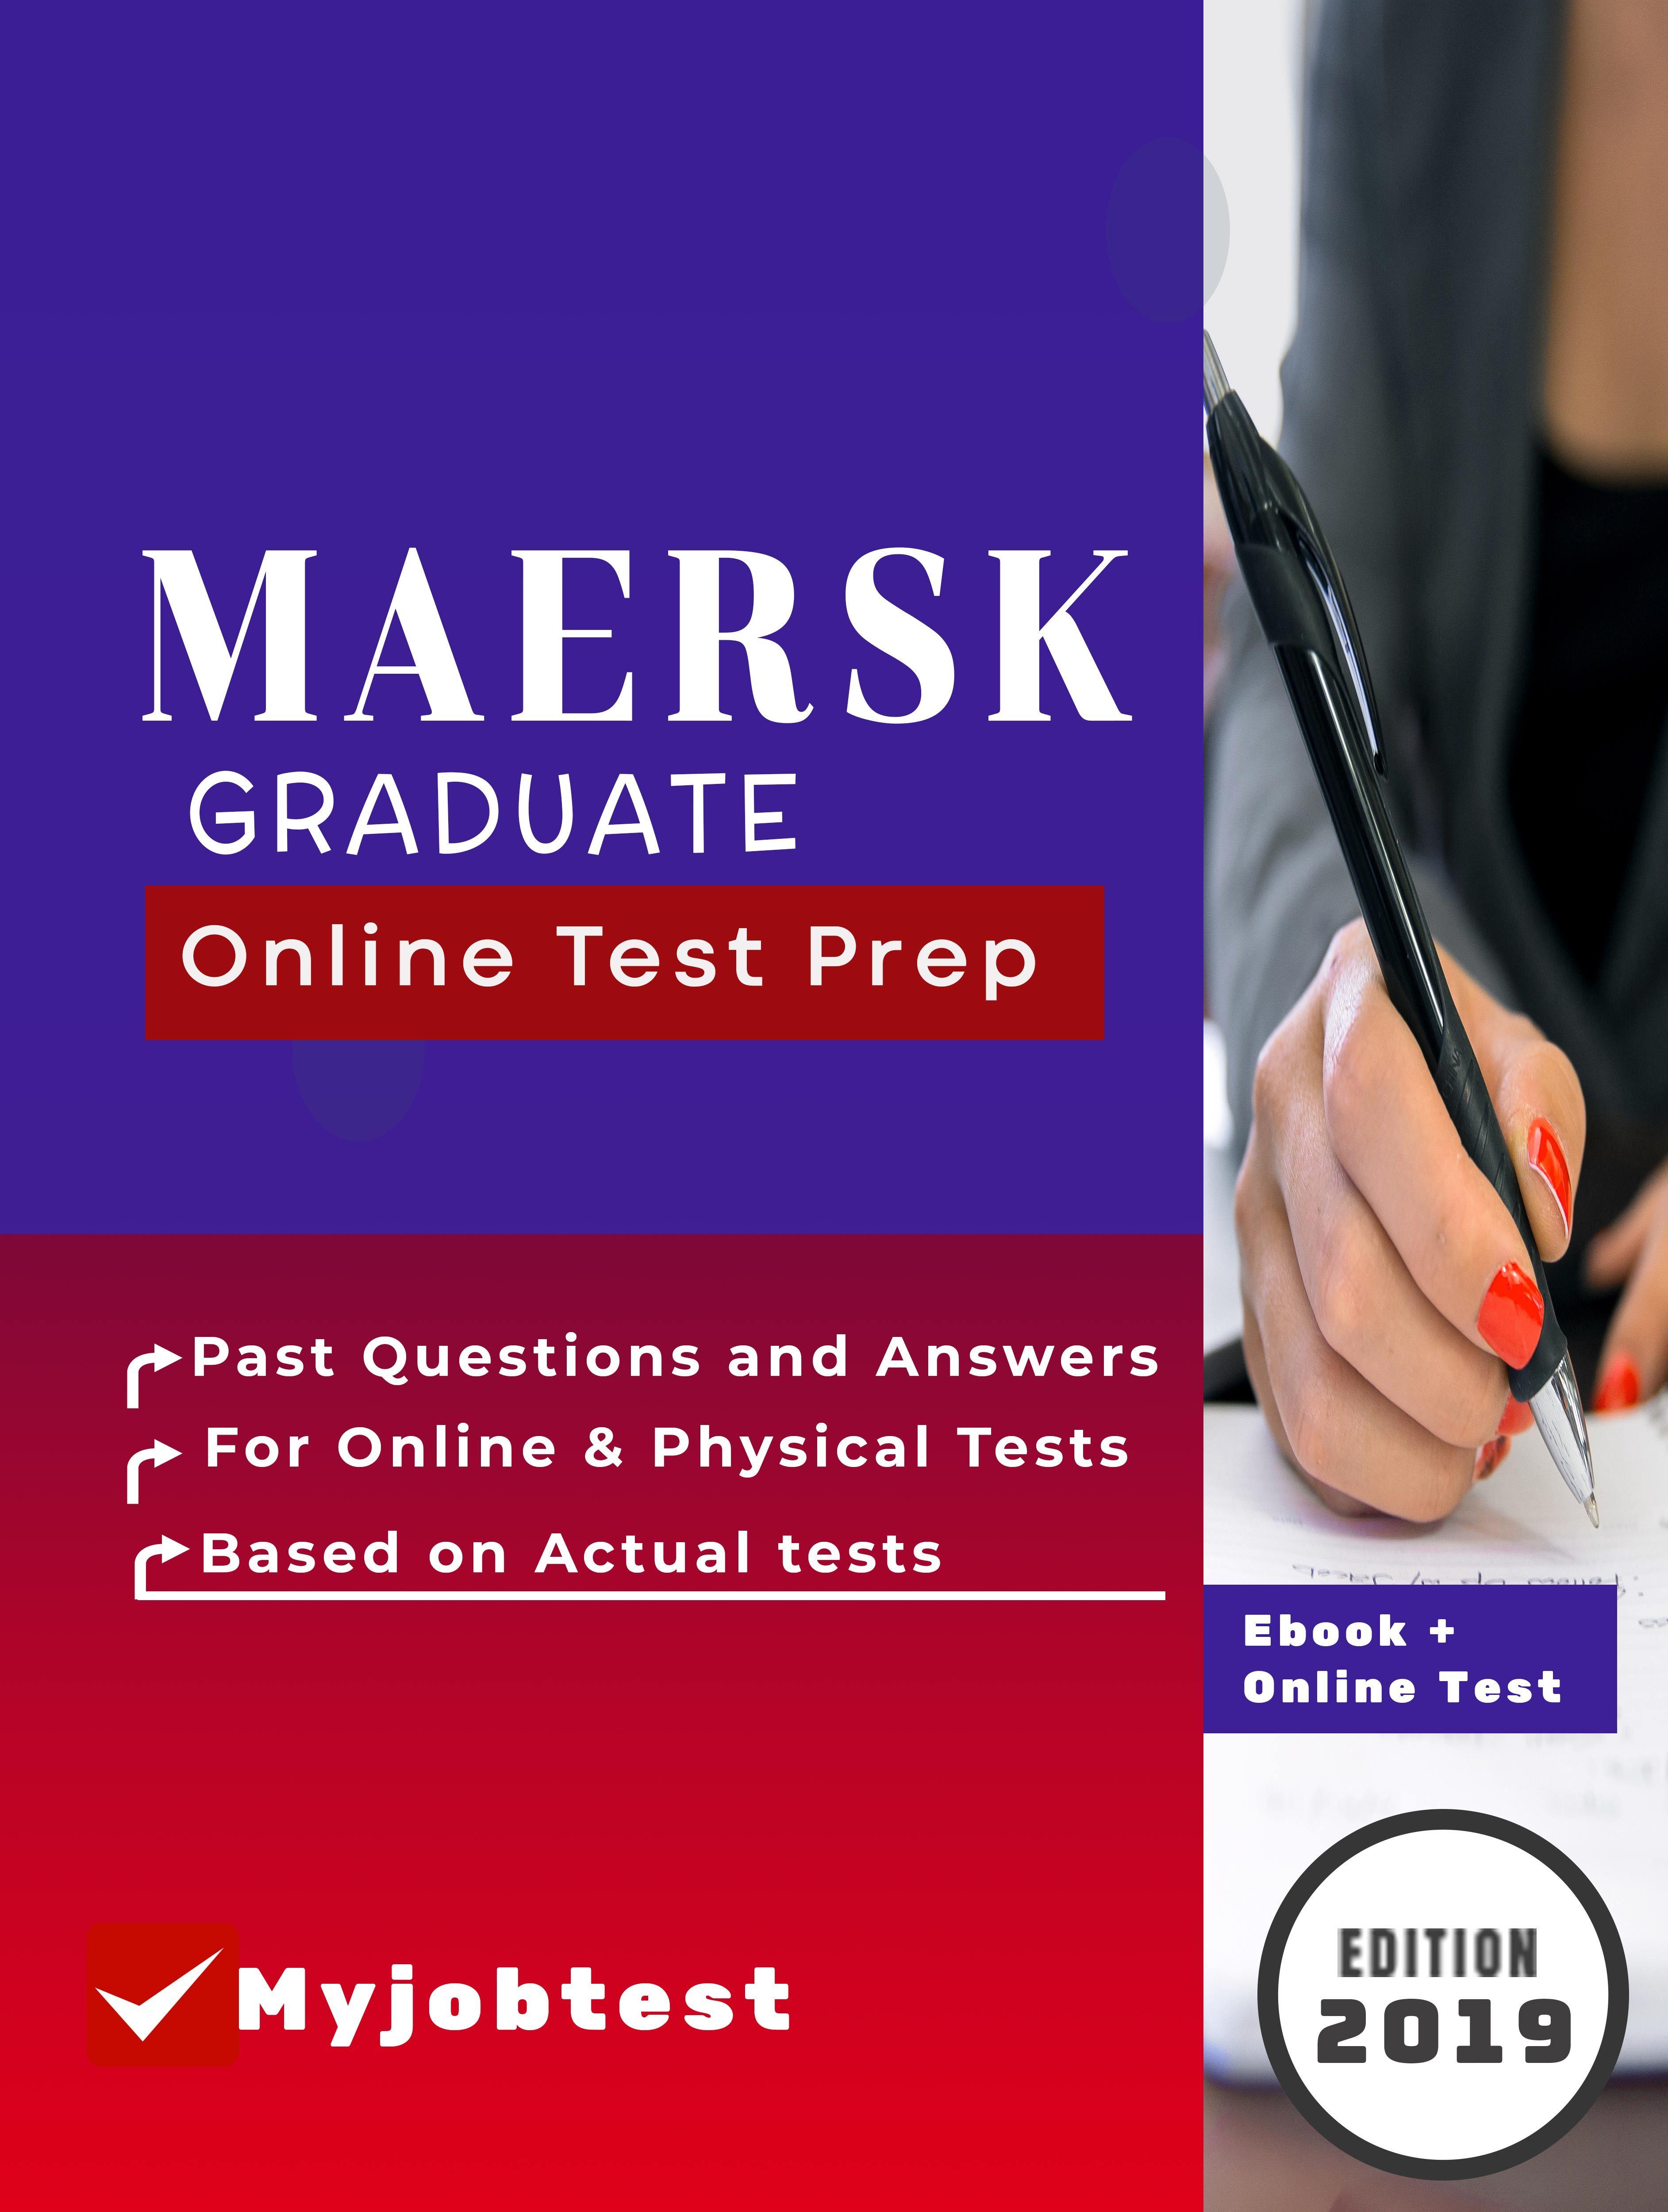 Complete preparation resource for Maersk assessment test  | Job